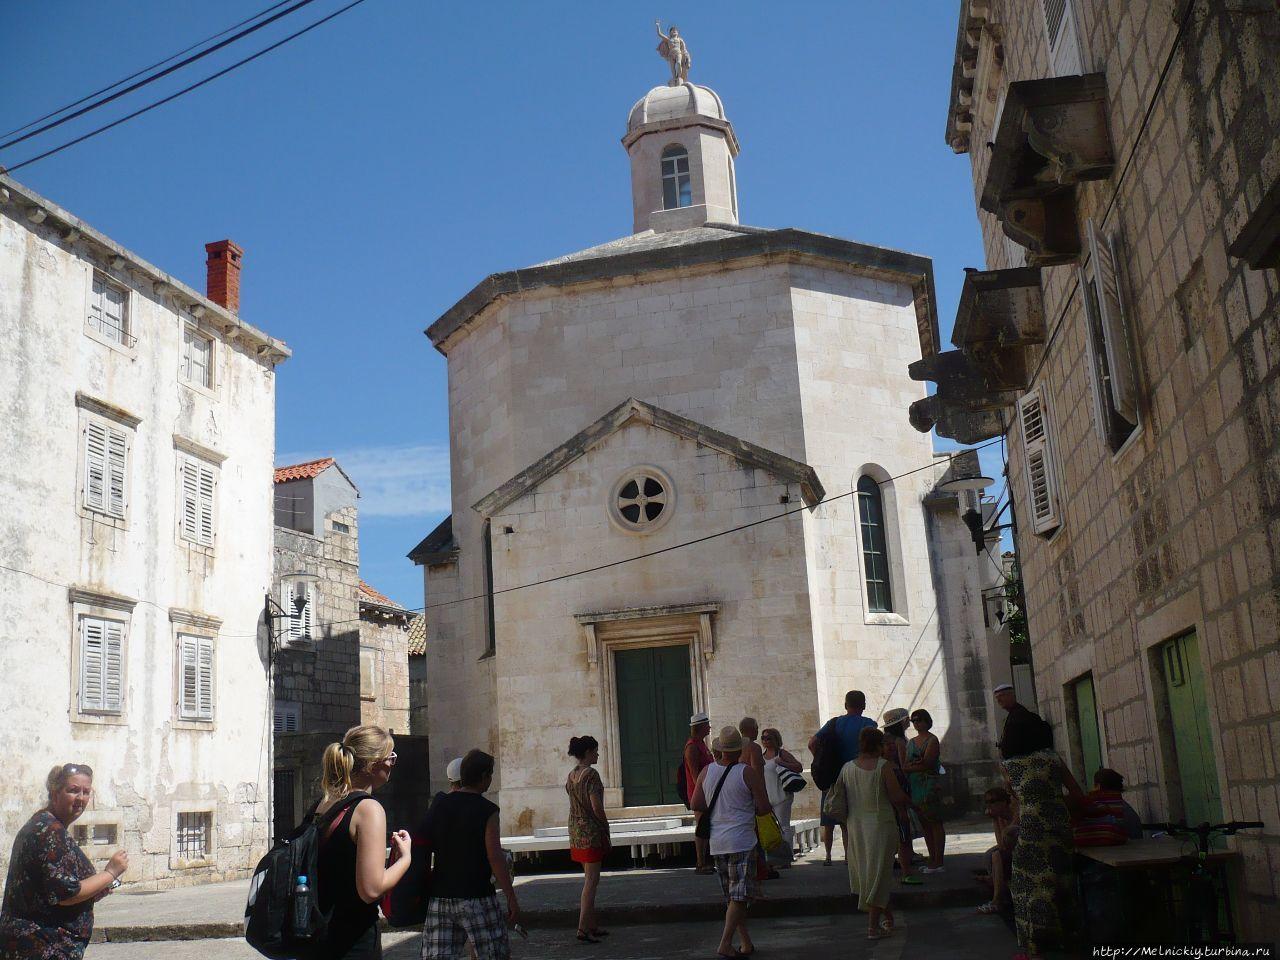 Храм Святого Юстина Корчула, остров Корчула, Хорватия